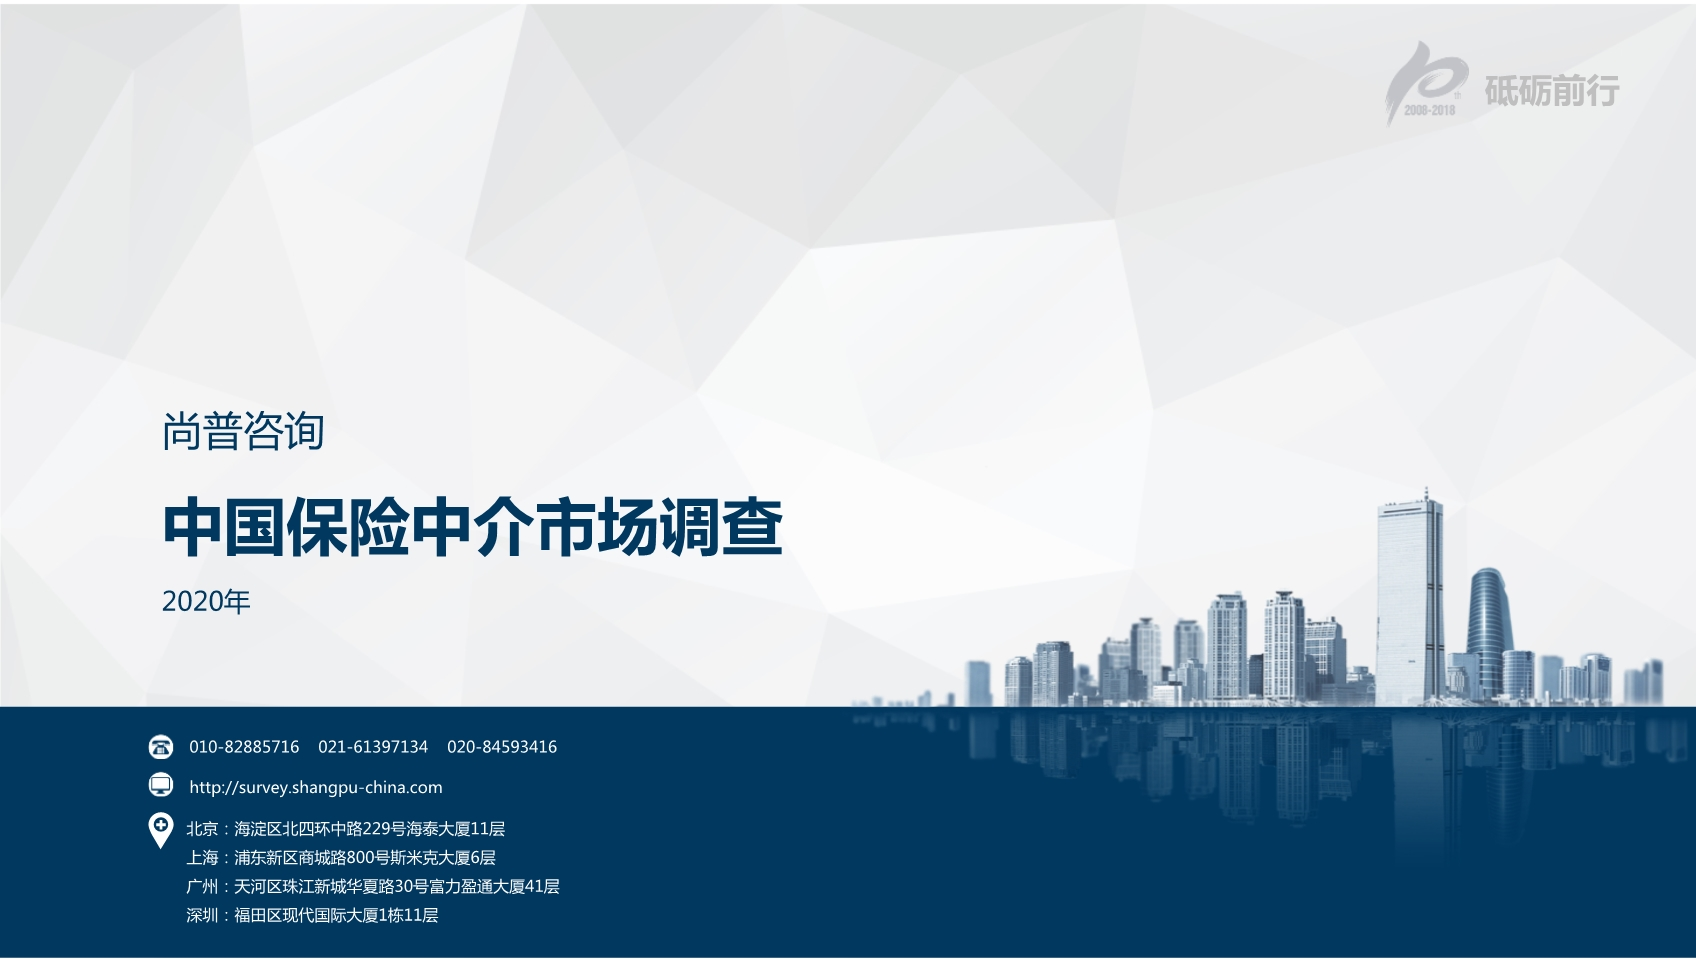 尚普咨询:2020年中国保险中介市场调查